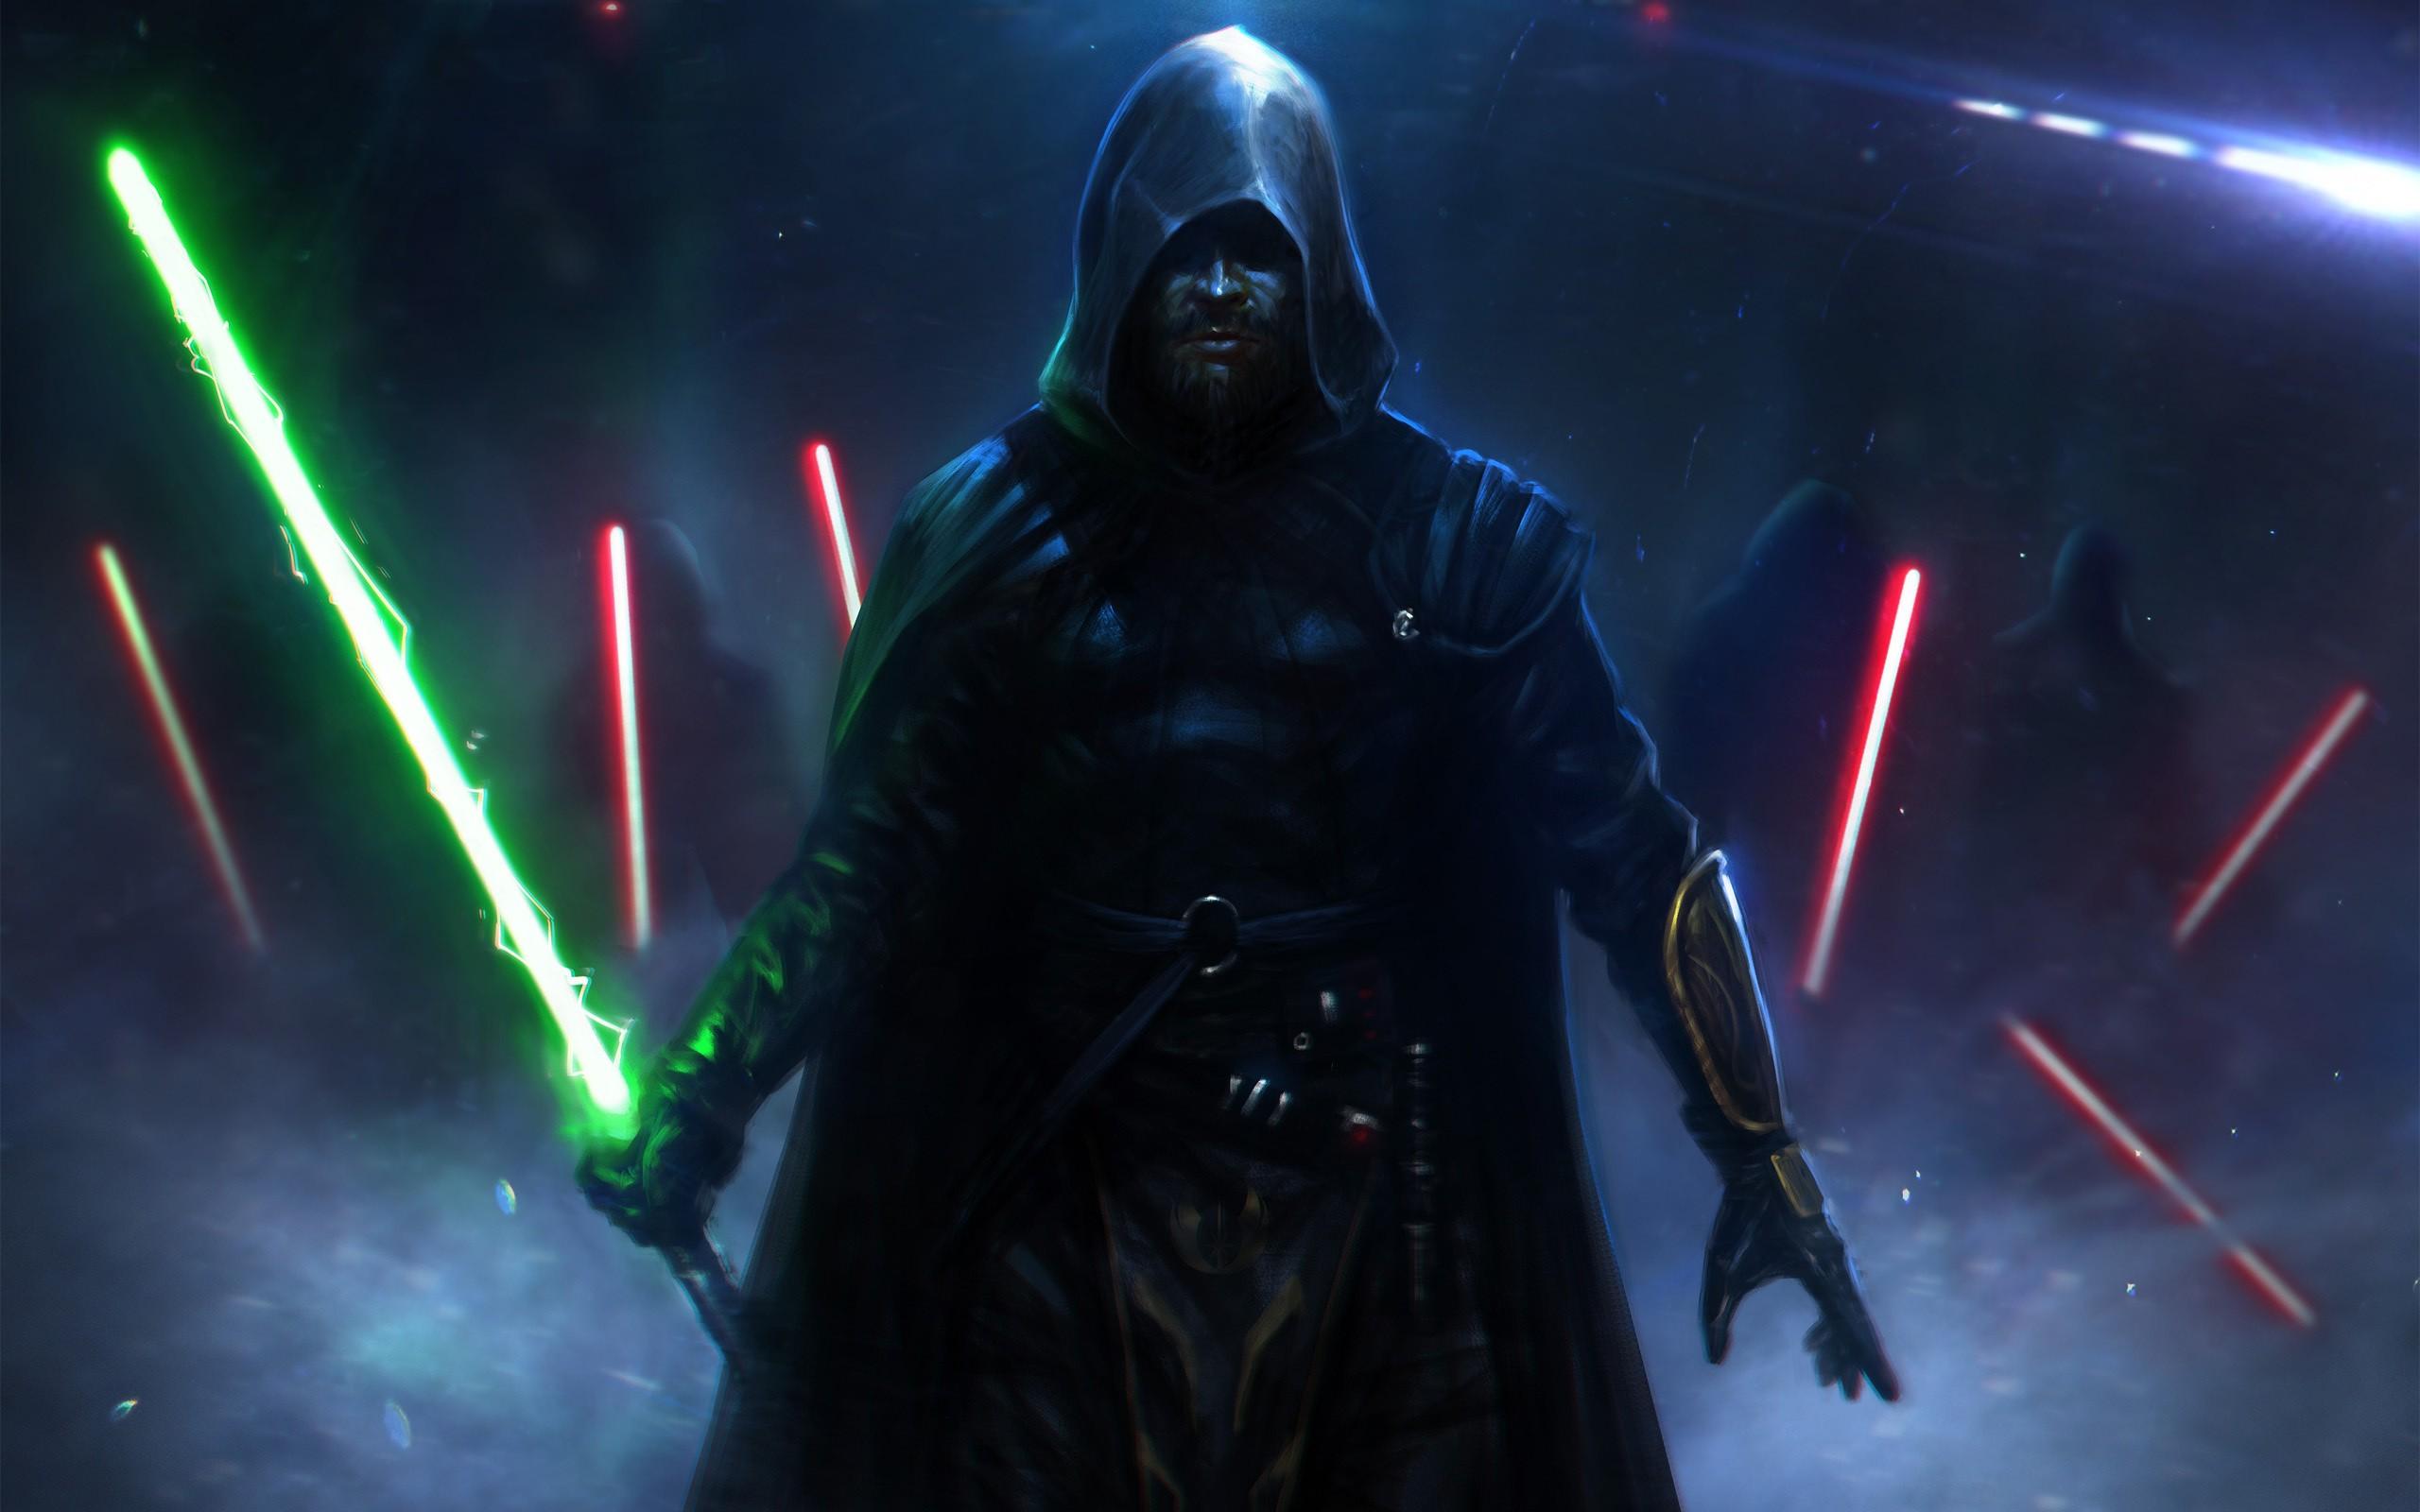 Star Wars, dark, lightsabers, Sith, Jedi, fantasy art, fan